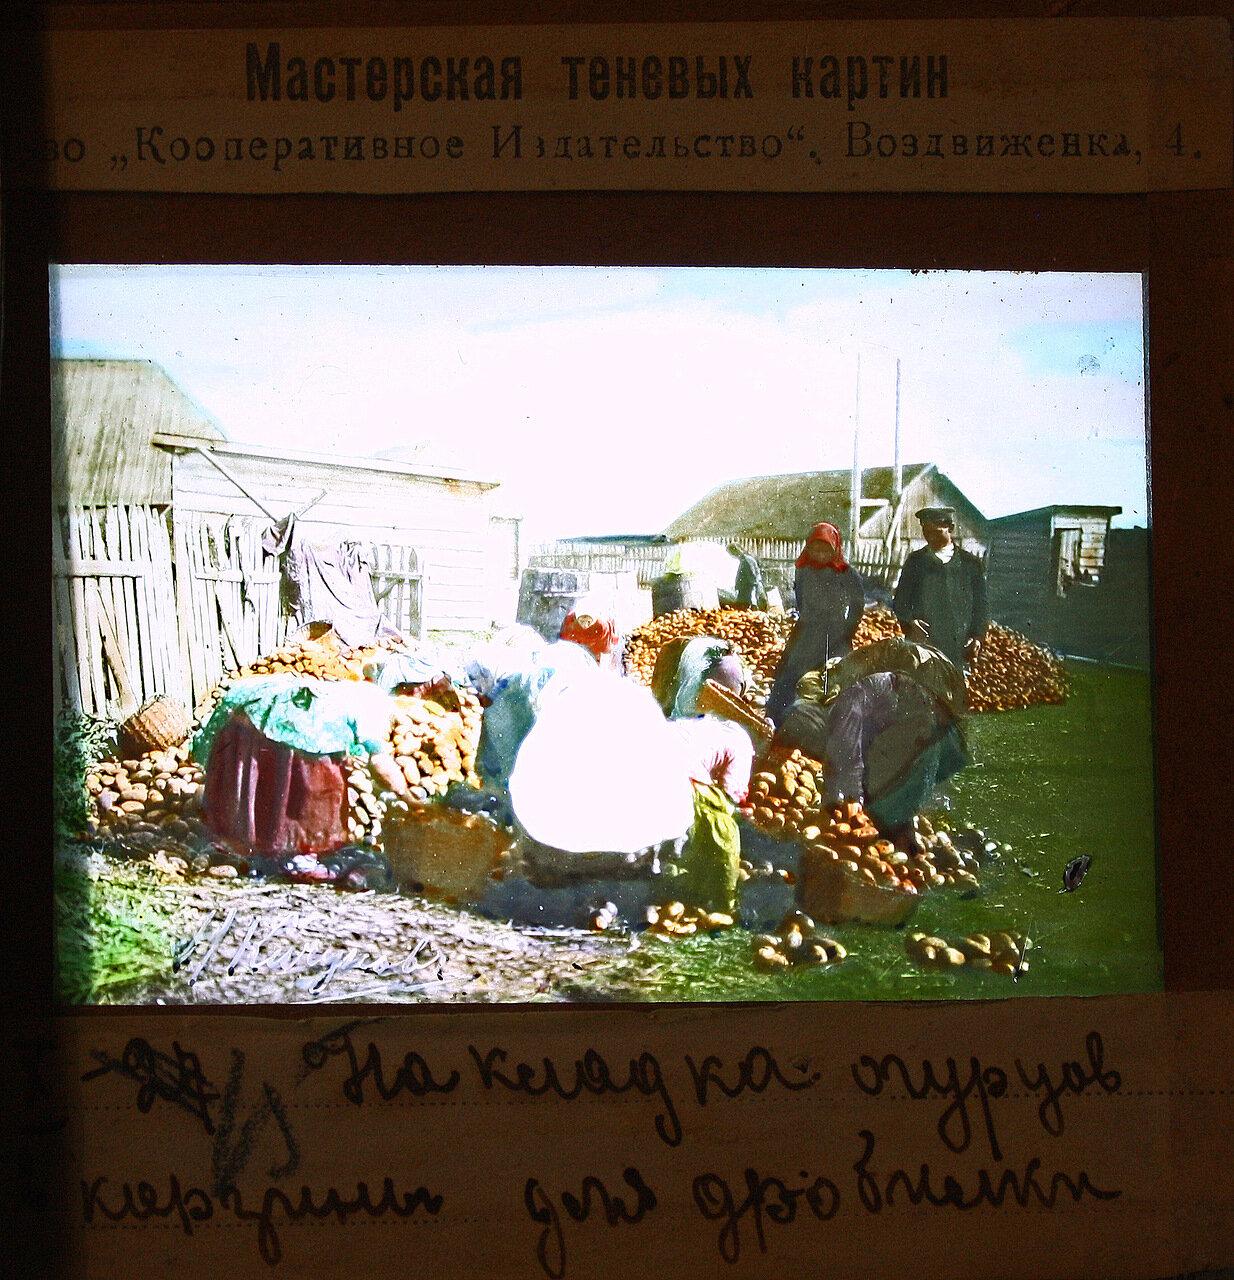 Накладка огурцов в корзины для дробилки